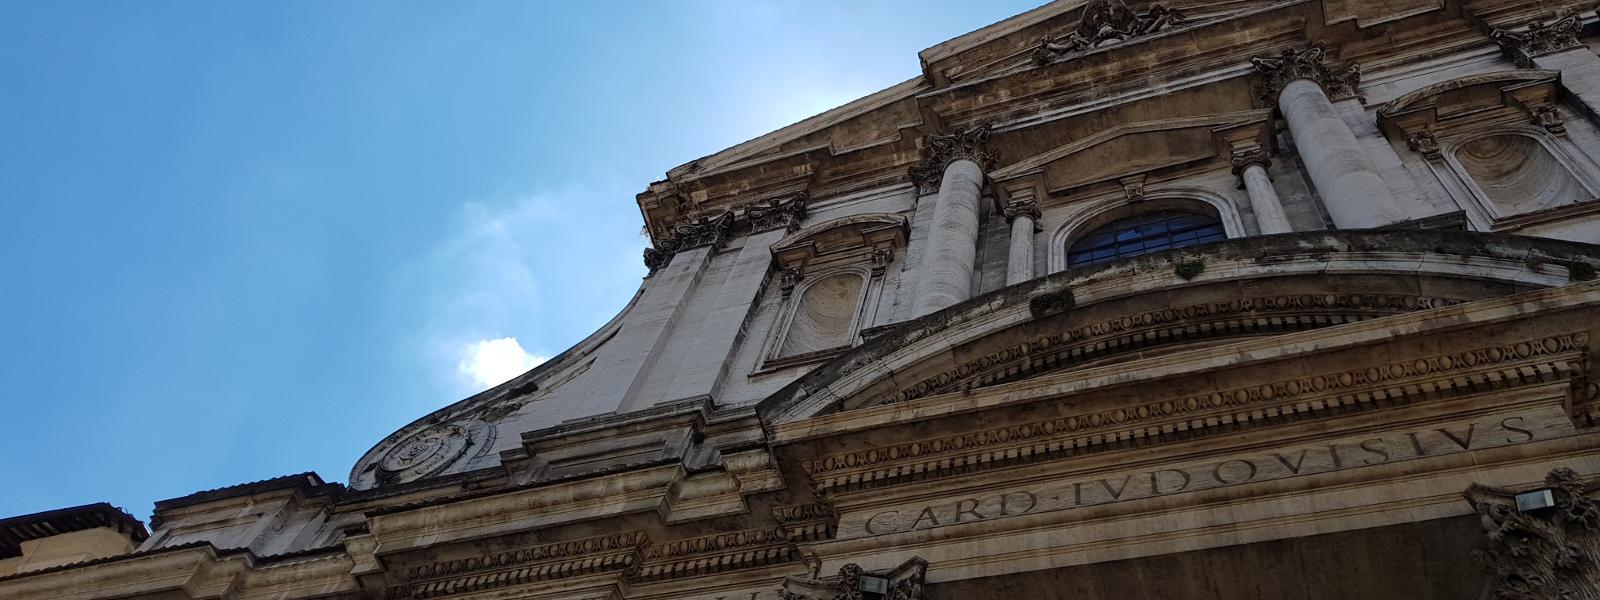 Particolare della facciata della chiesa di sant'Ignazio in Campo Marzio a Roma